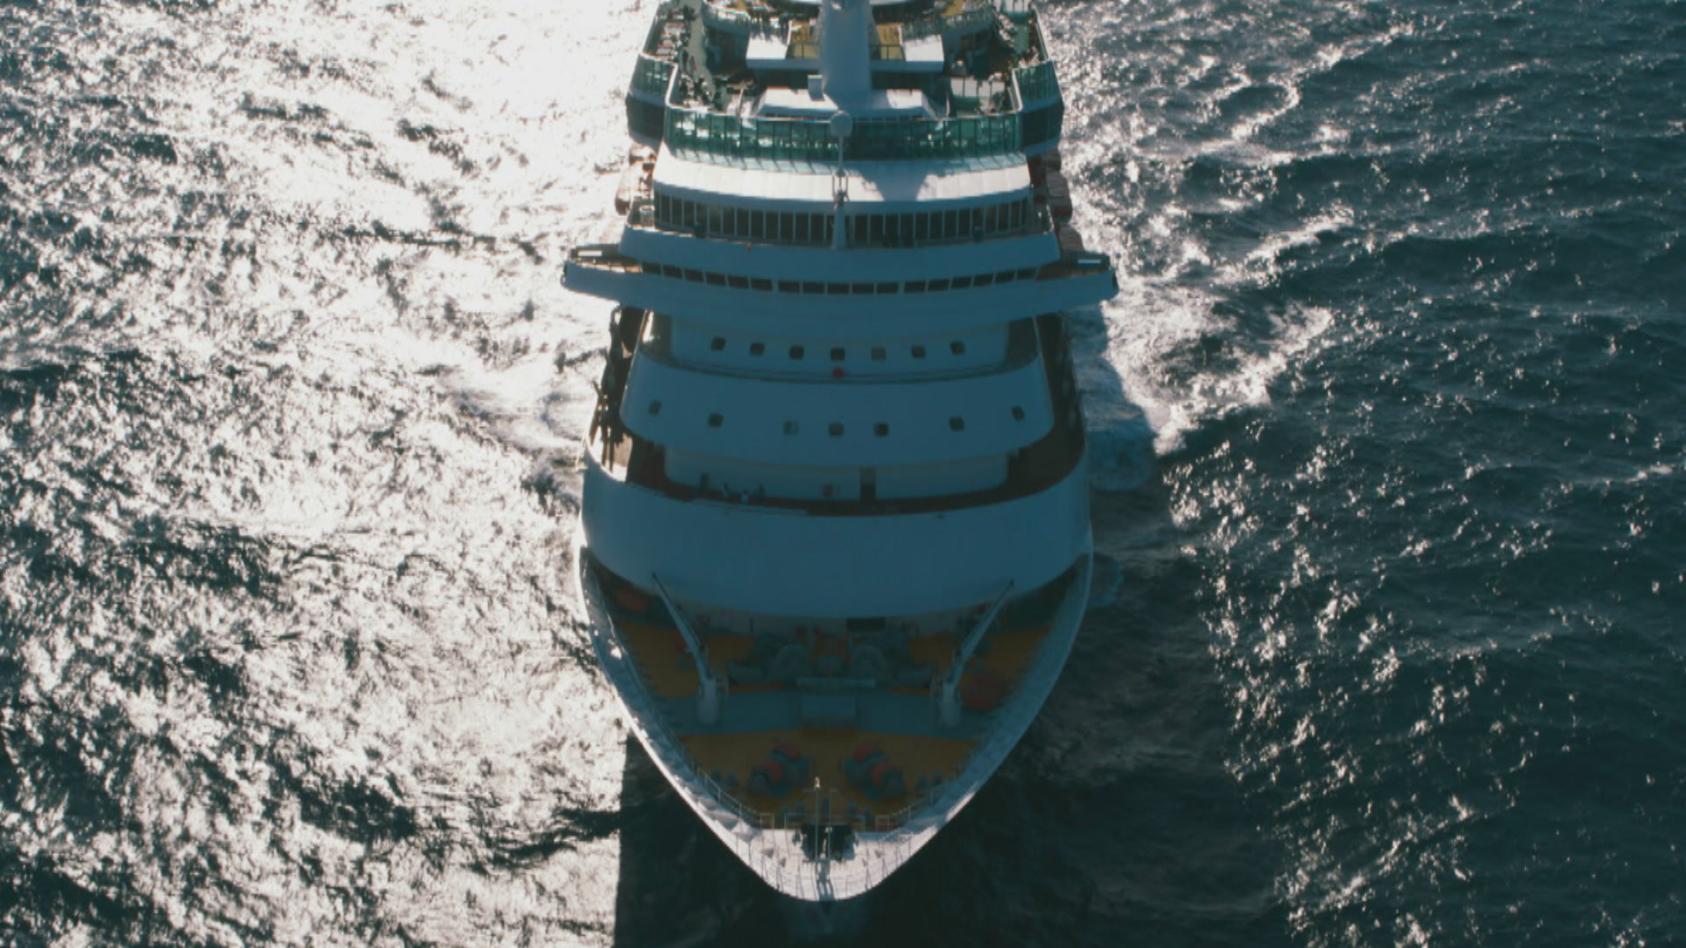 ein-kreuzfahrtschiff-ist-wie-eine-abgeschottete-kleinstadt-und-daher-auch-ideal-fur-verbrechen